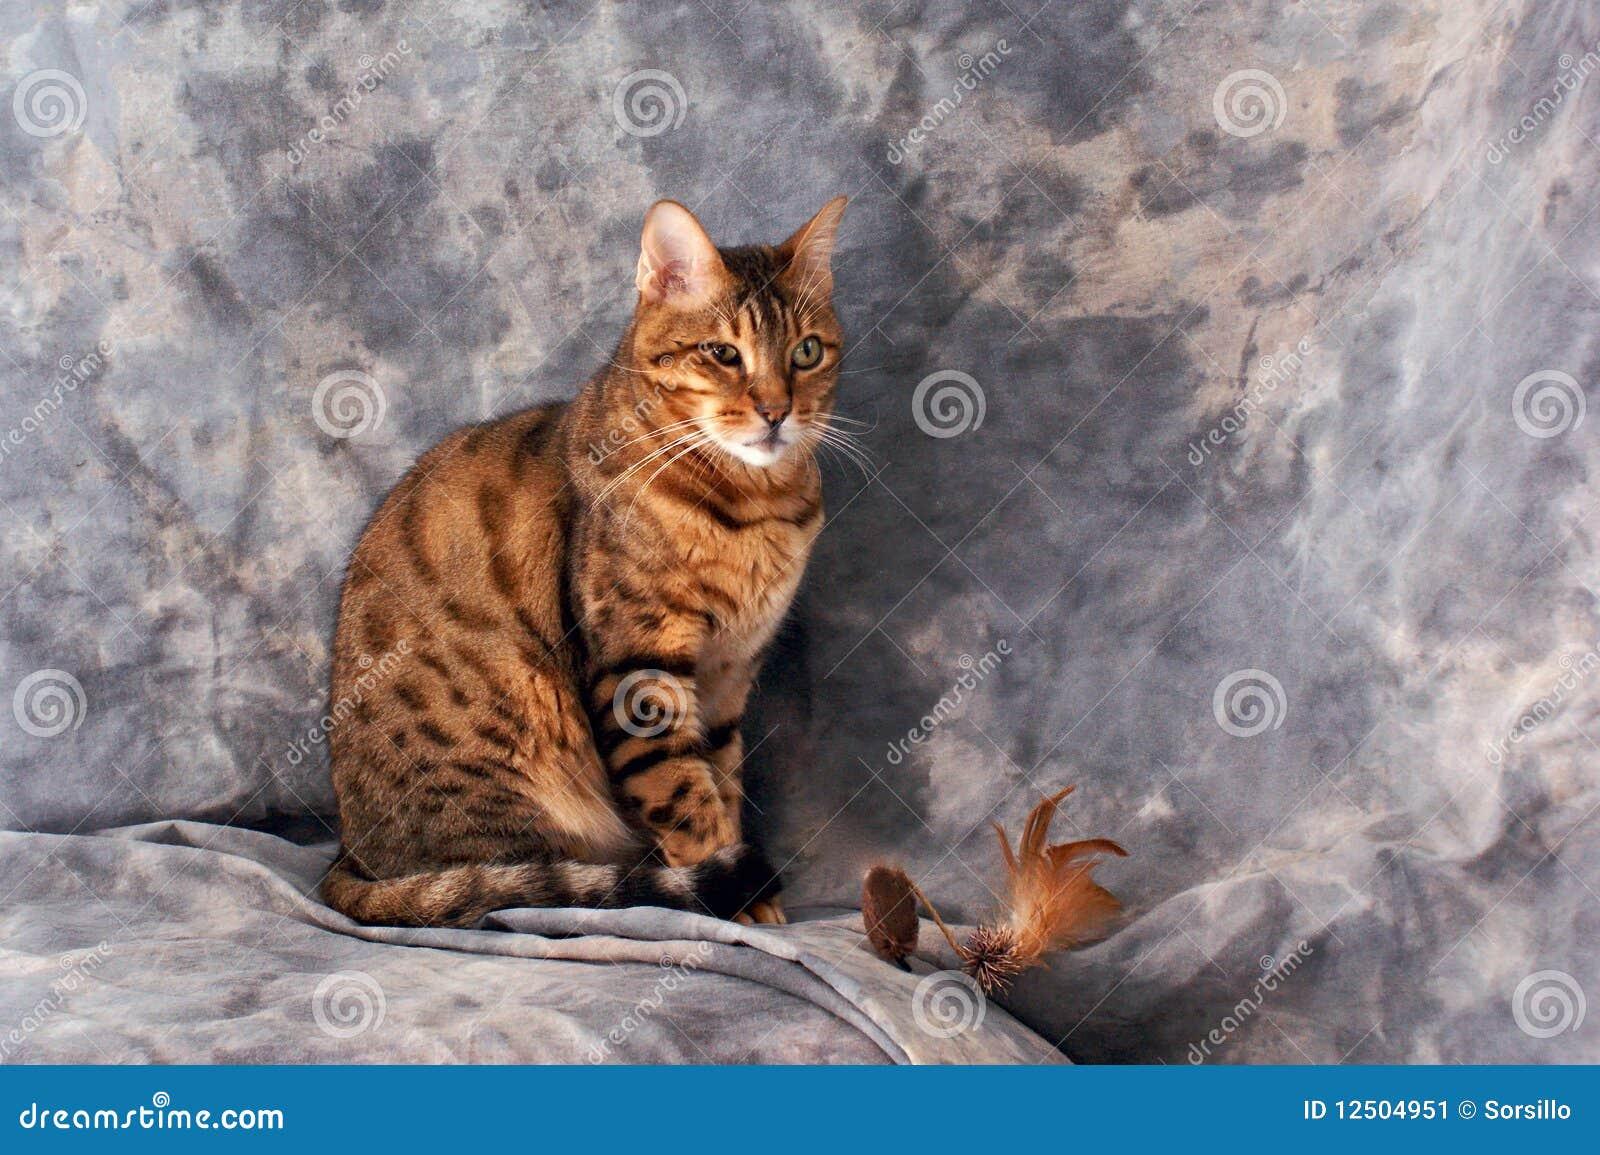 Seduta del gatto del bengala immagine stock immagine - Immagine del gatto a colori ...